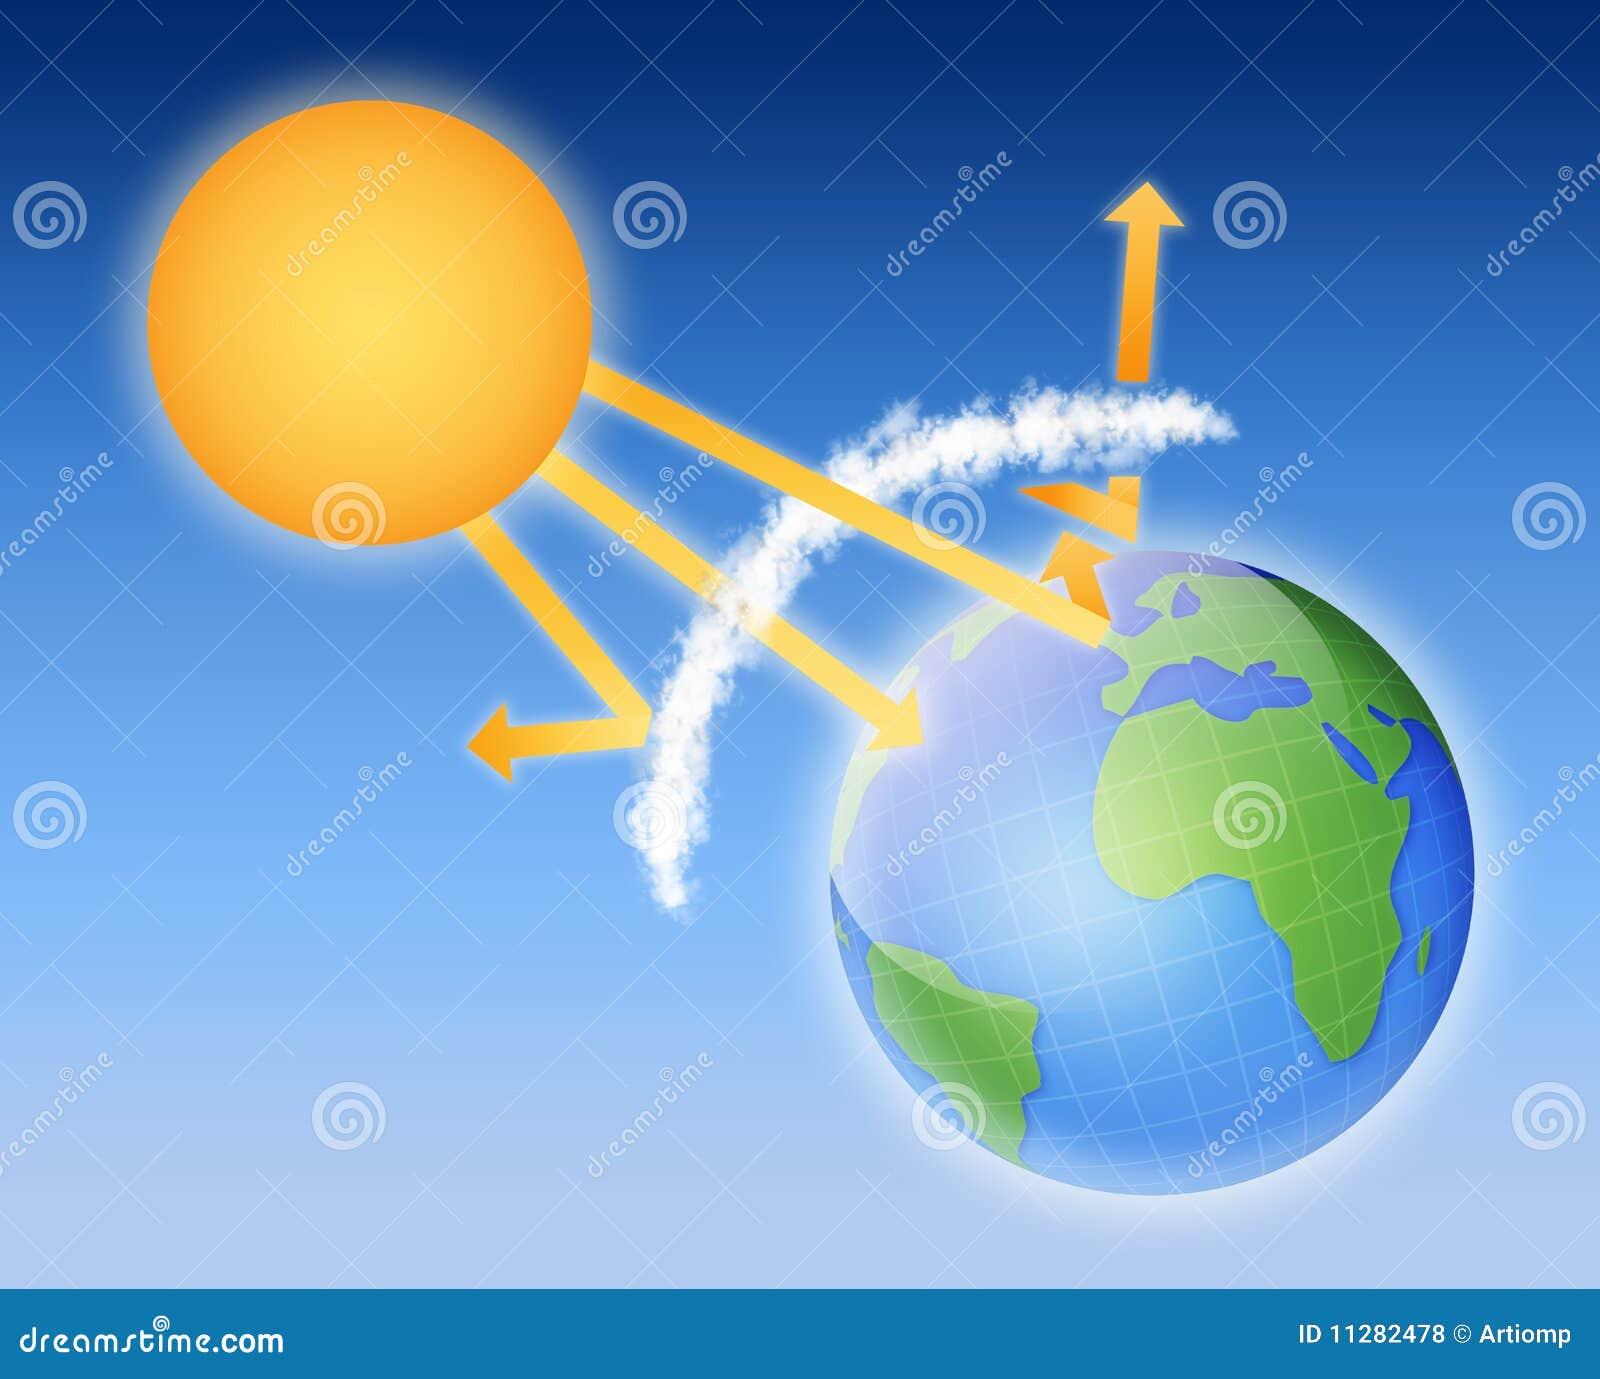 Esquema Da Atmosfera Da Terra Fotos de Stock Royalty Free ...